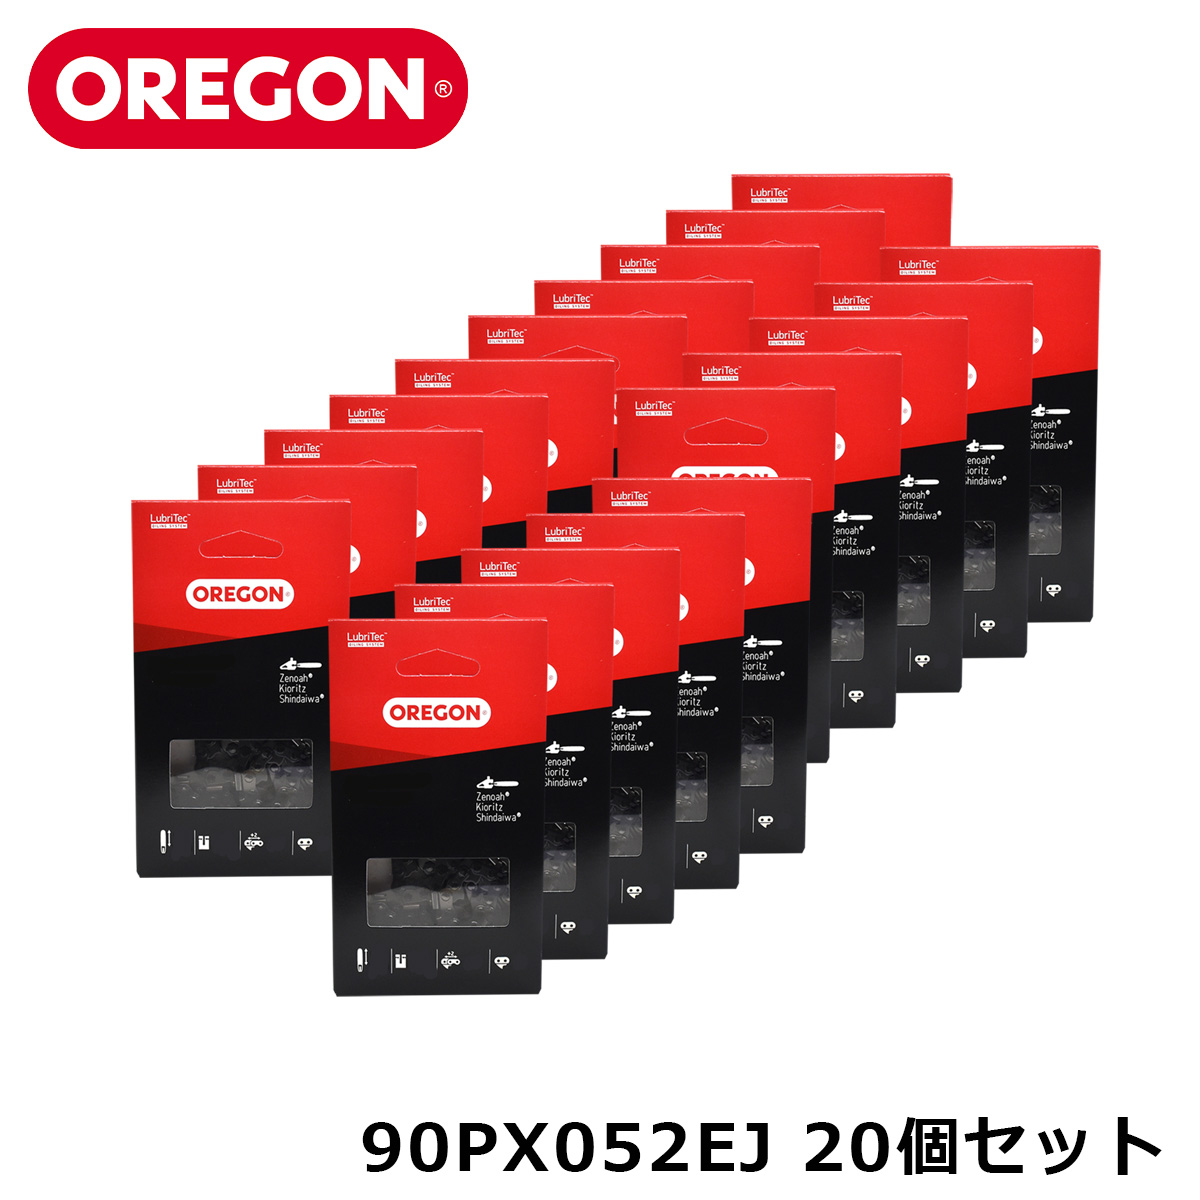 【20個セット】OREGON 90PX052EJ ソーチェーン 替刃 正規品 パーツ チェンソー 90PX アドバンスカット オレゴン